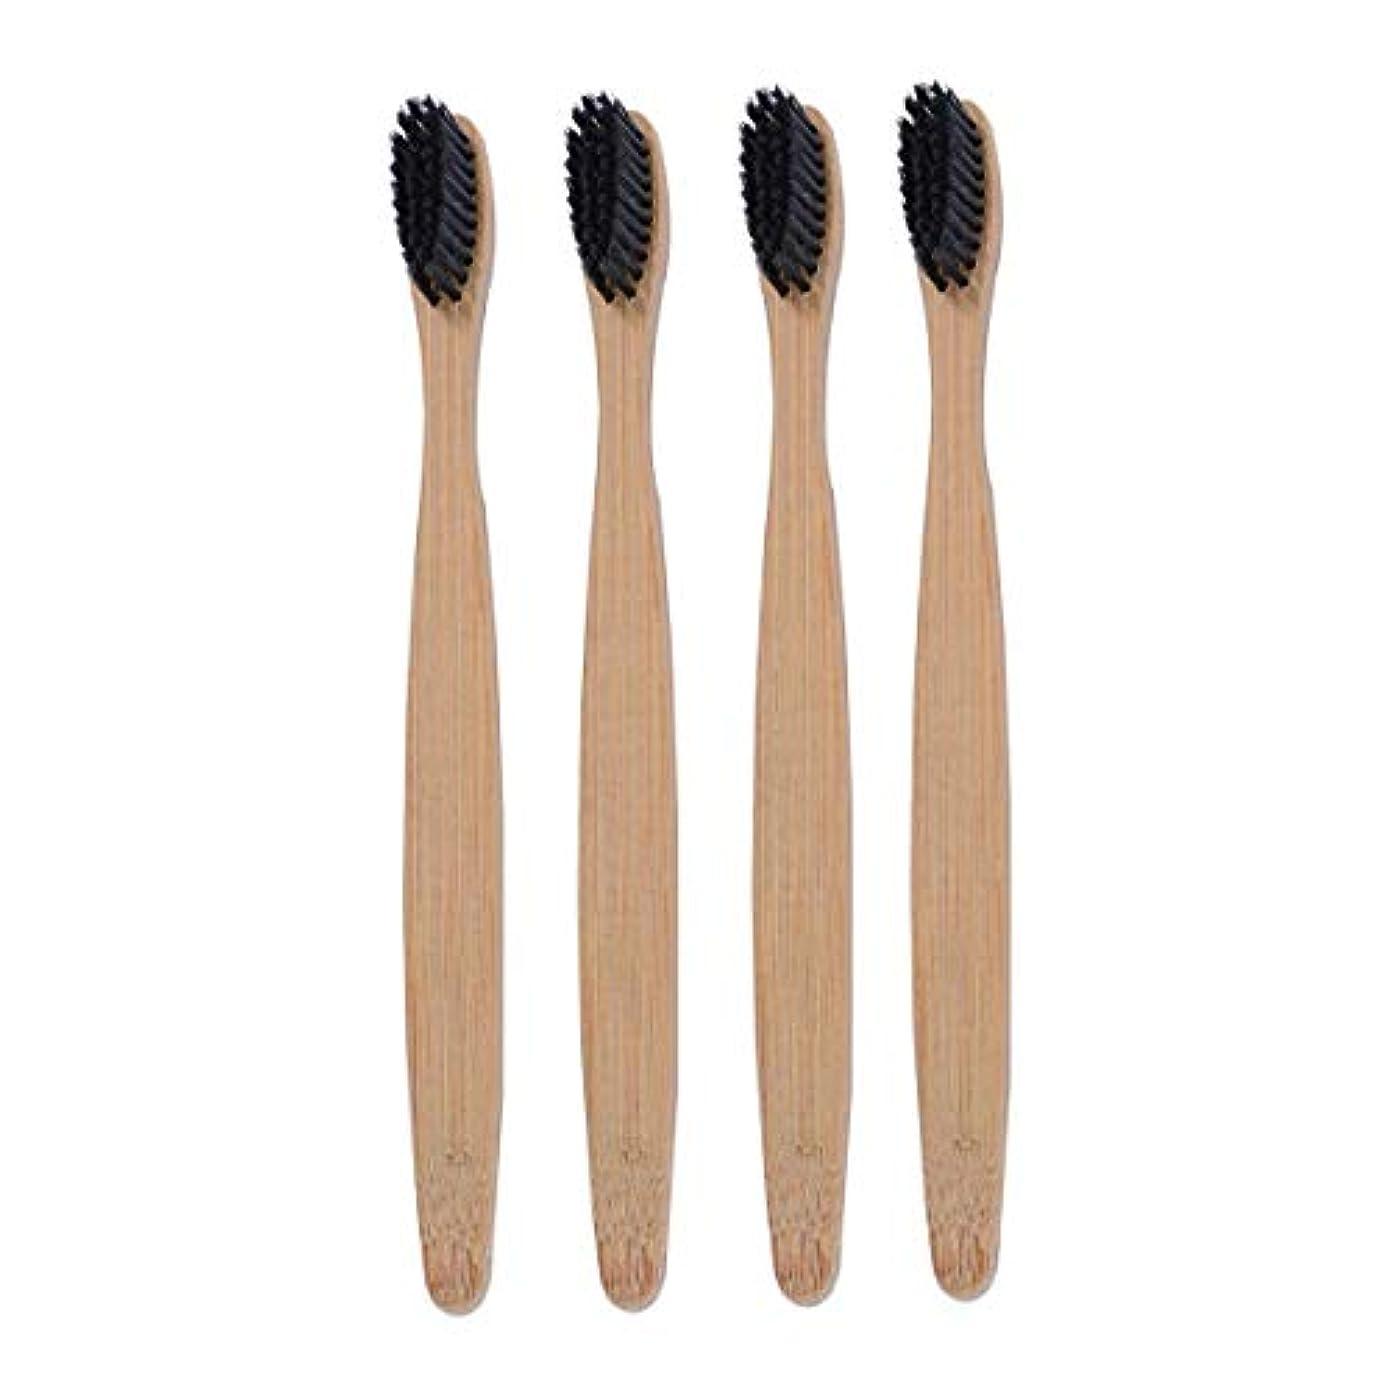 乳敬意を表するロンドンHEALIFTY 4pcs環境にやさしい生分解性木製歯ブラシ竹炭歯ブラシ低炭素エコウッディネス歯ブラシ使い捨て歯ブラシ(黒)